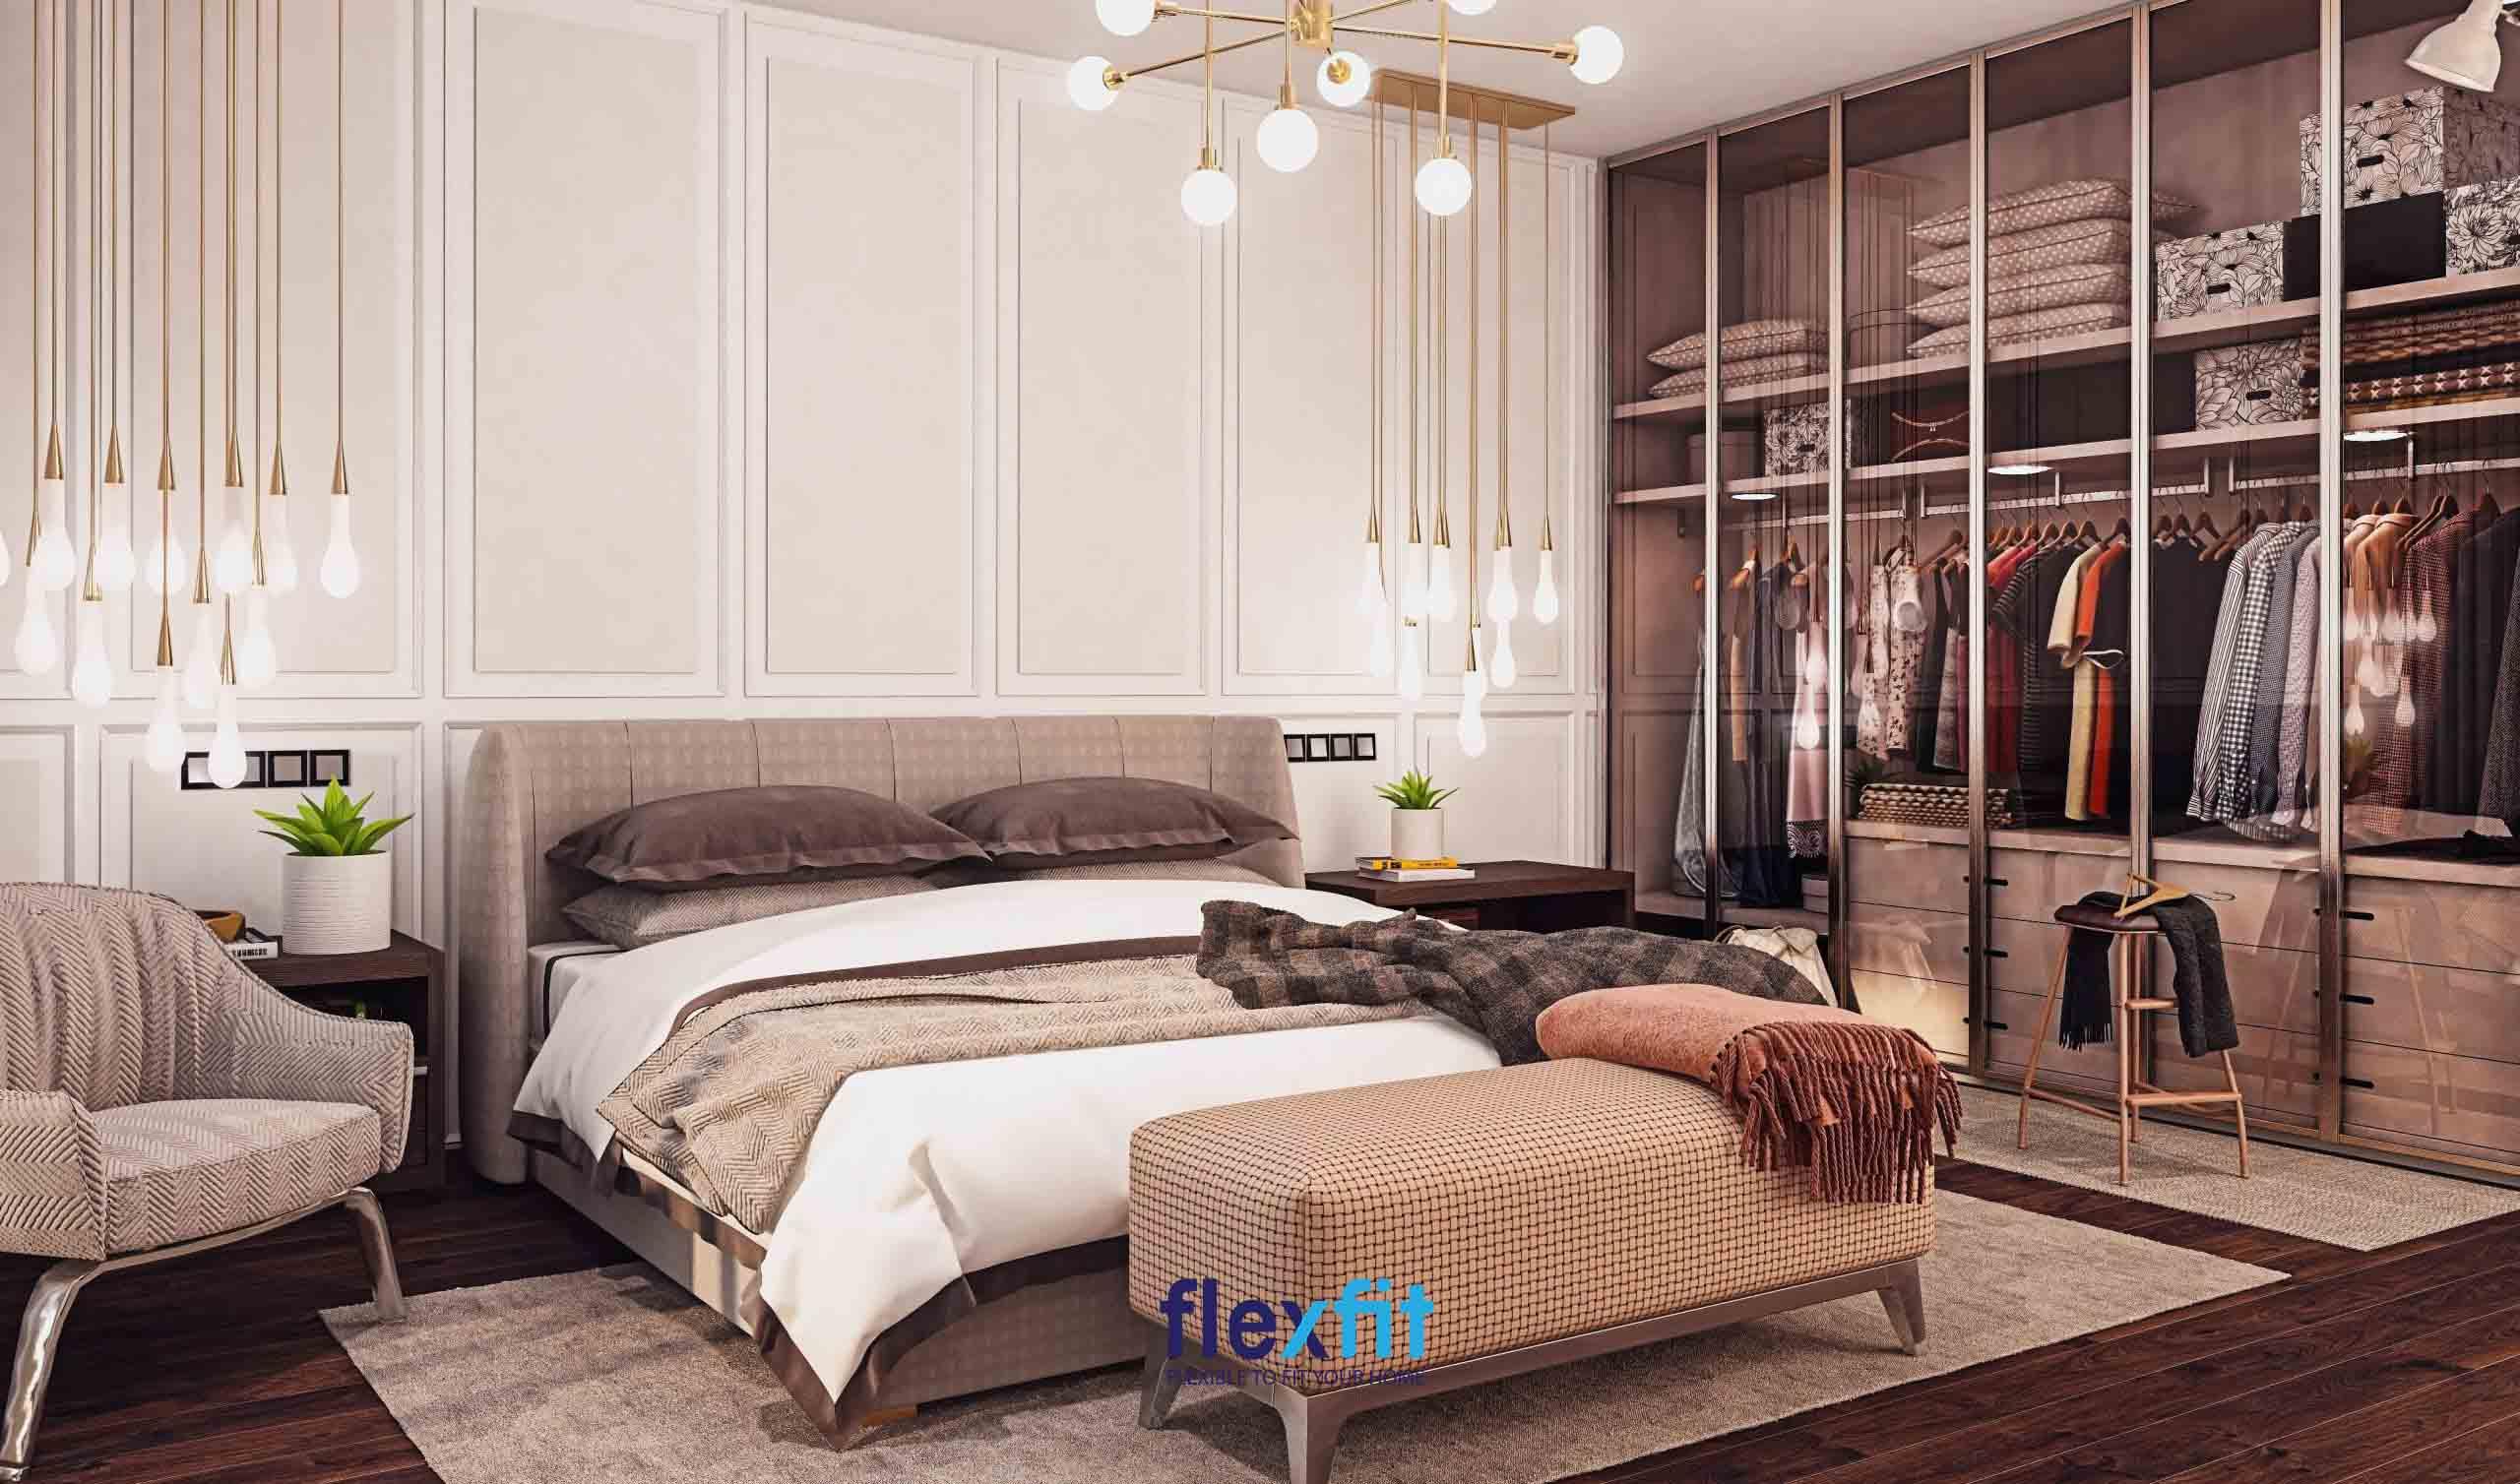 Tông màu nâu nhạt được chọn làm tông màu chủ đạo của phòng ngủ mang đến vẻ đẹp bình dị, thân thuộc và cảm giác ấm áp, thư thái cho chủ nhân căn phòng